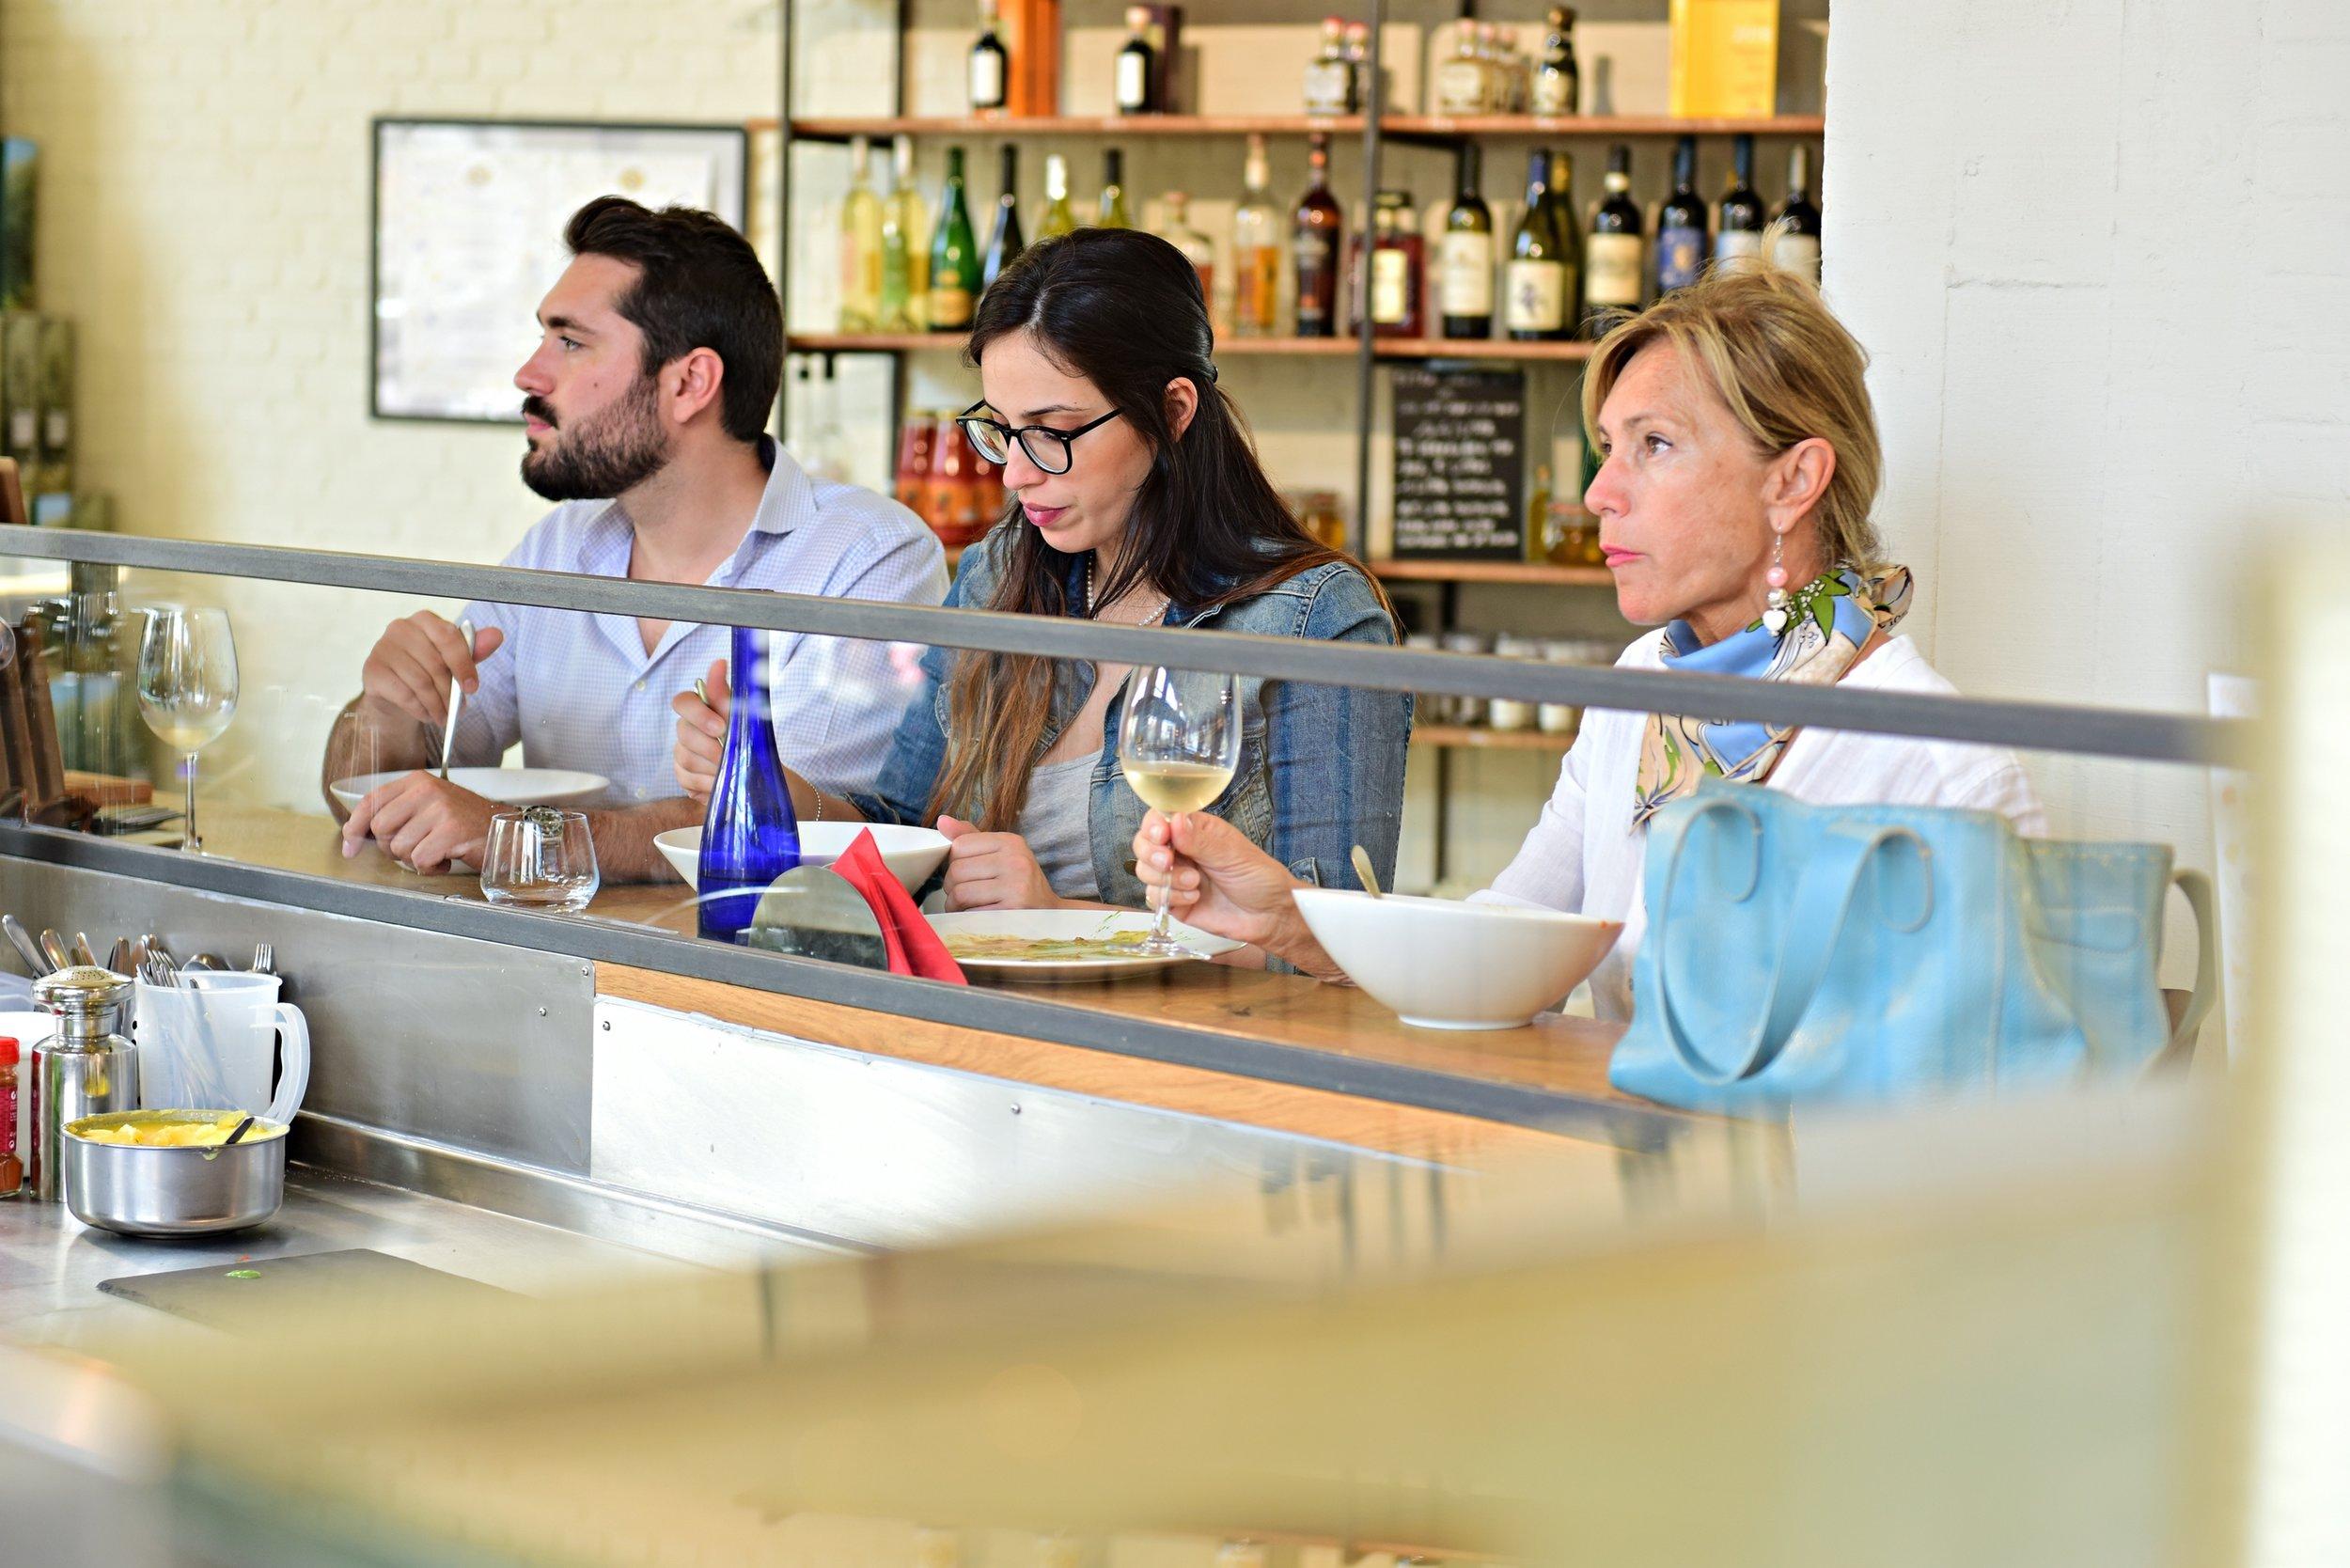 atelier de smidse rossi 3 italiaans leuven best top gault.jpg